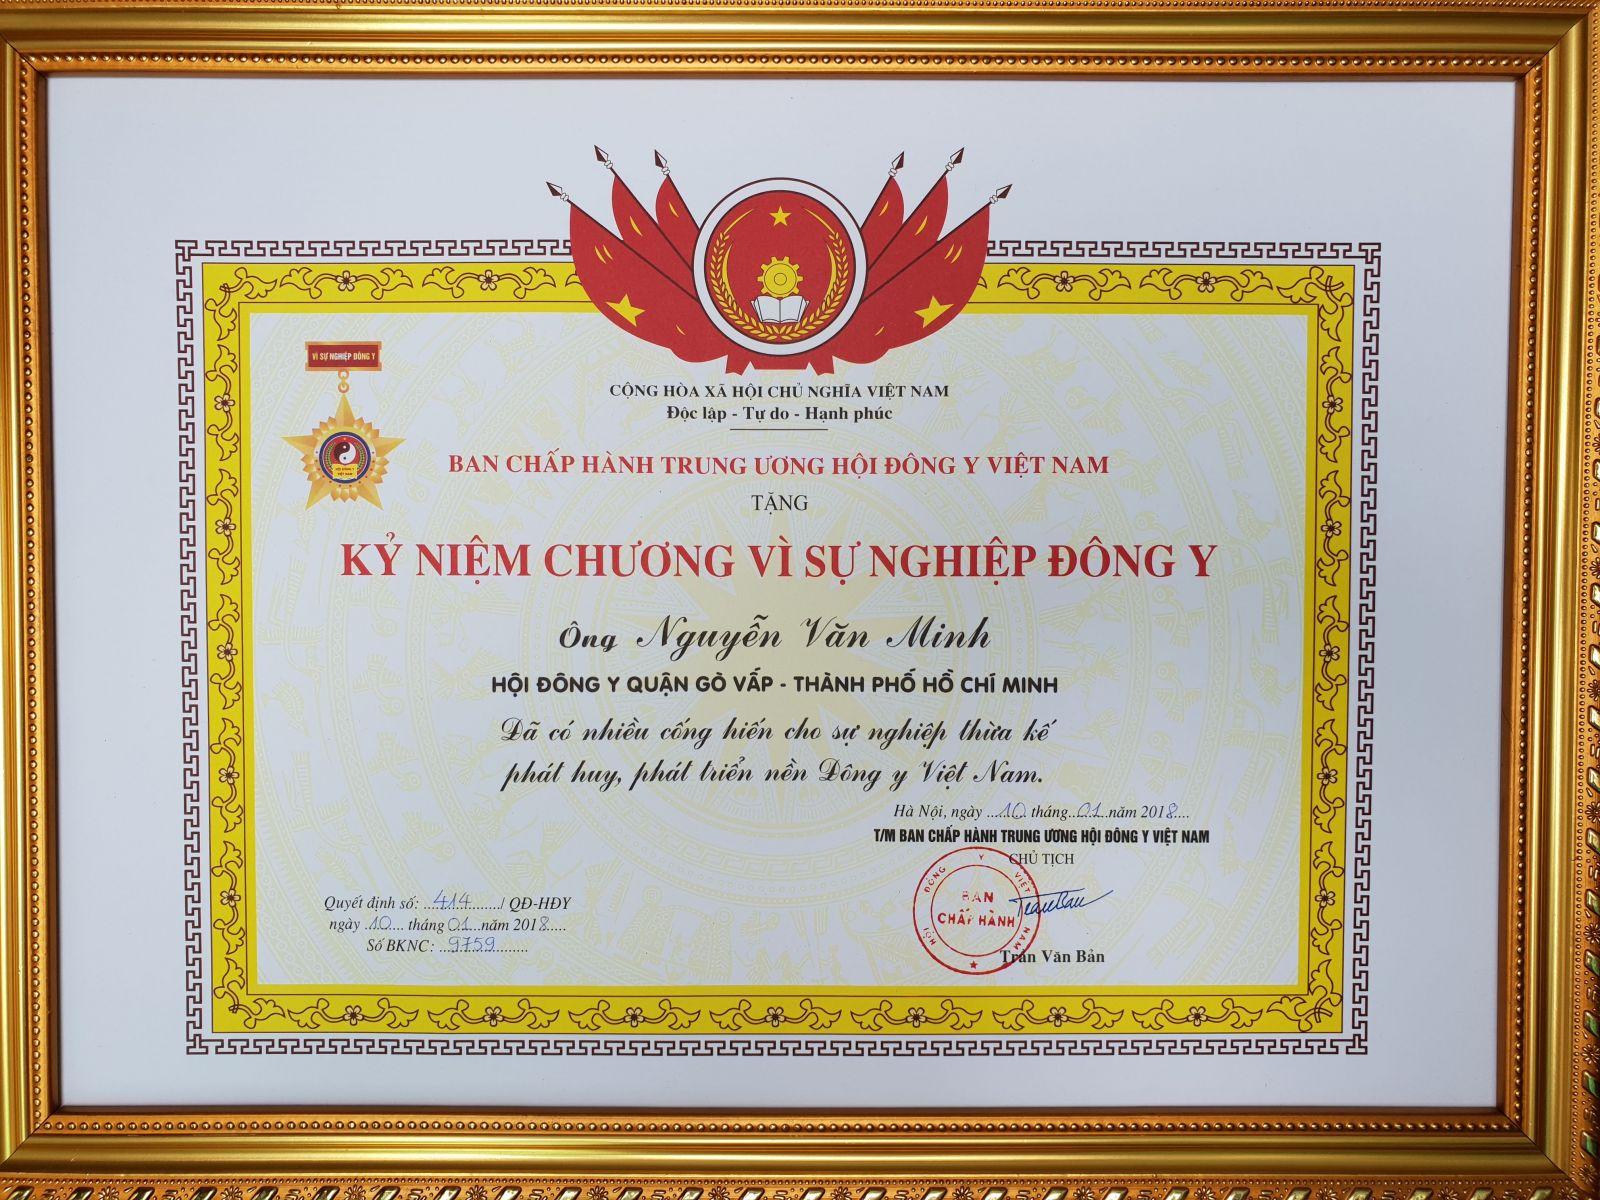 Bằng khen của lương y Nguyễn Văn Minh